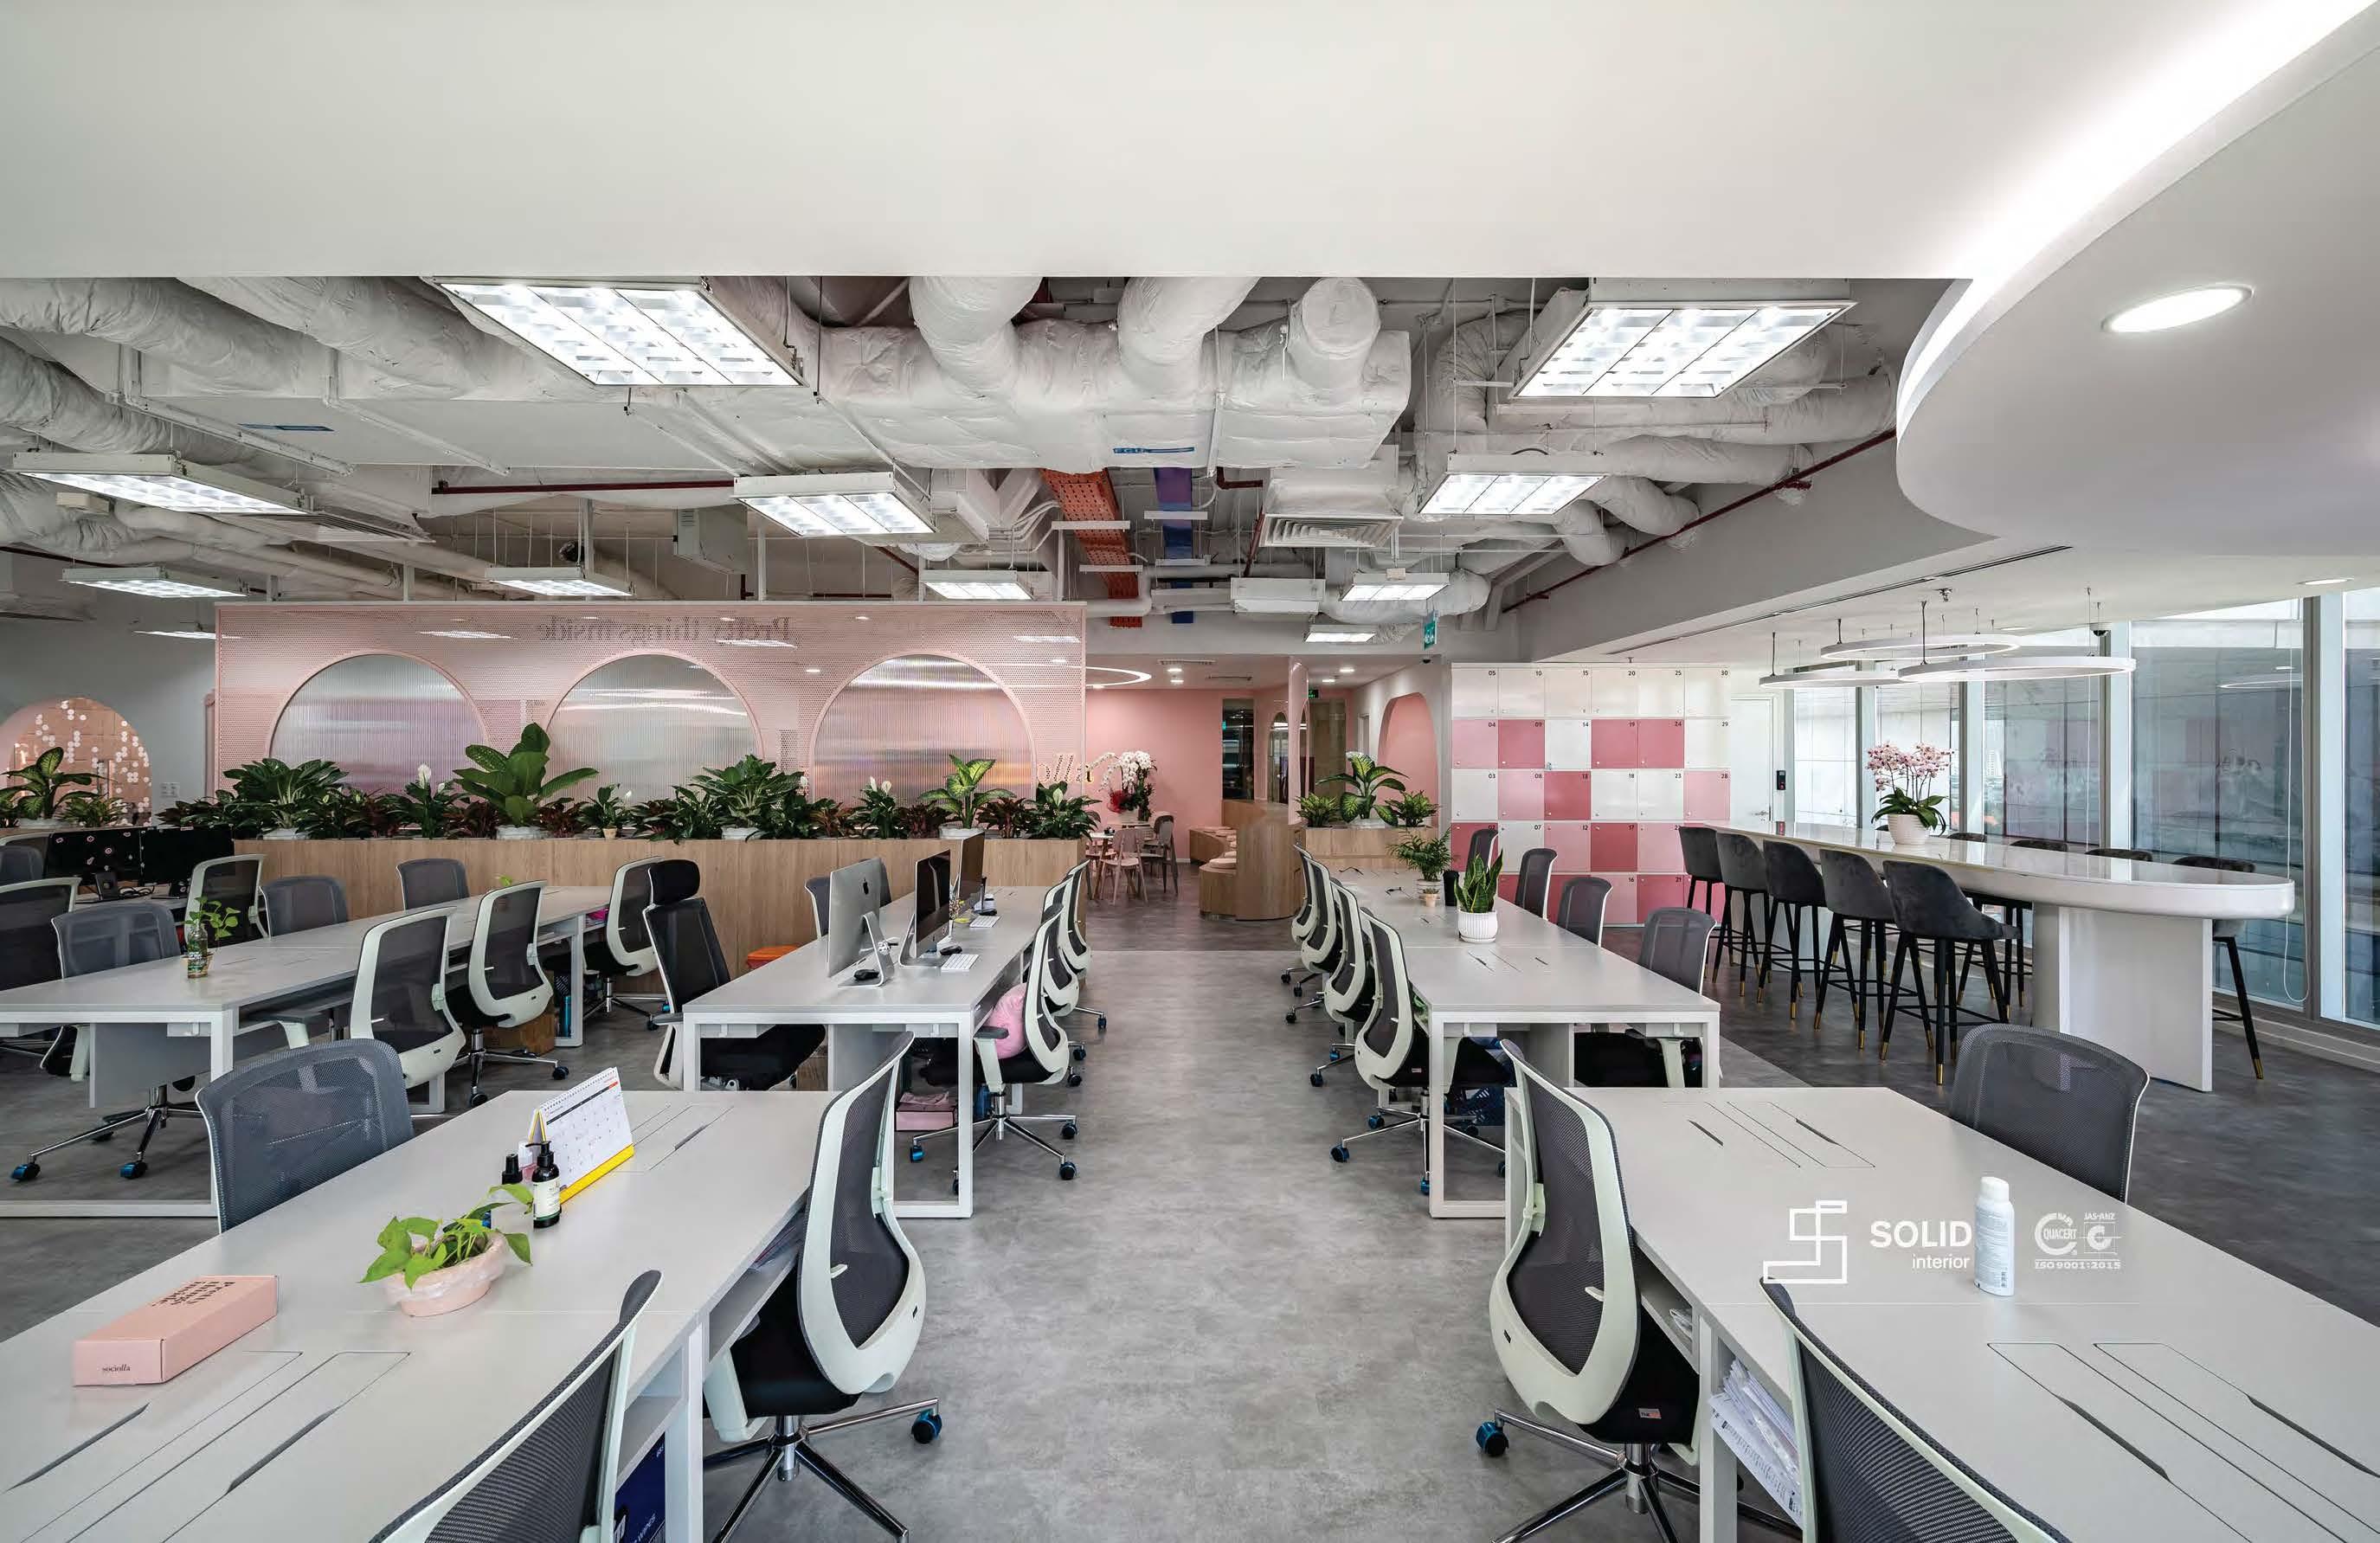 Sociolla Project Solid Interior